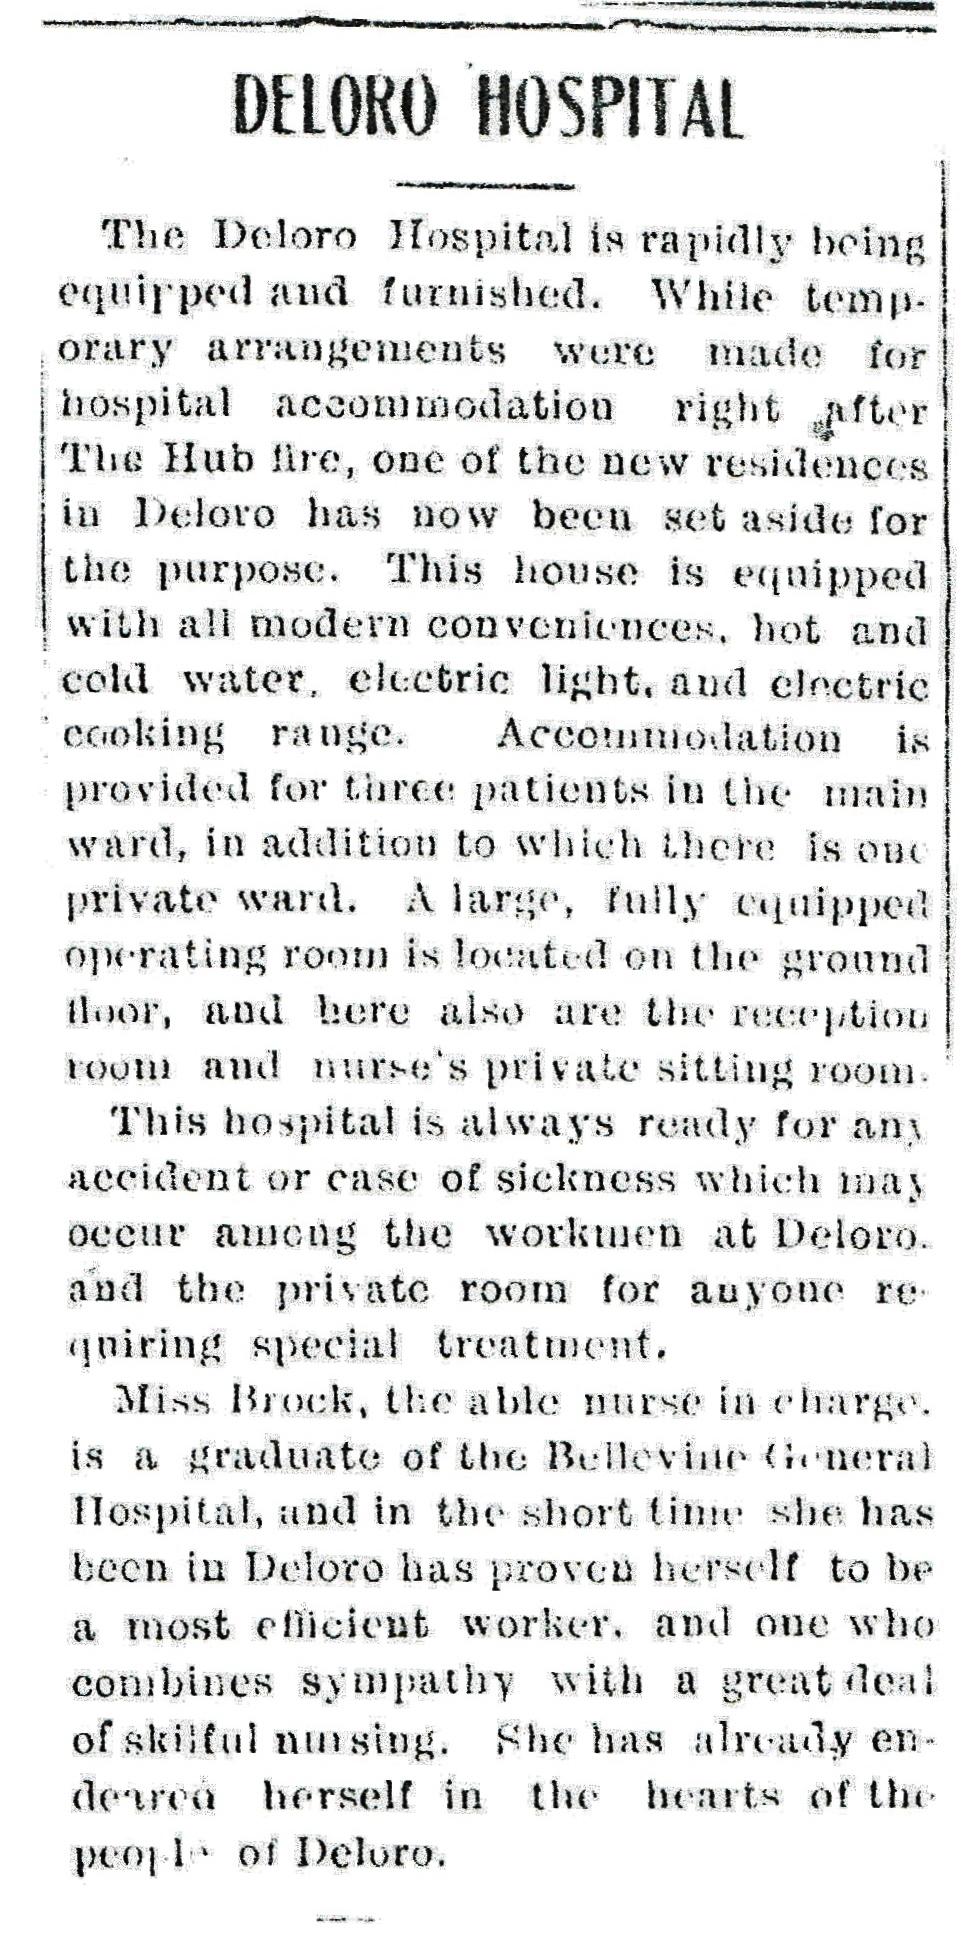 Deloro Hospital - Herald Apr. 17, 1919